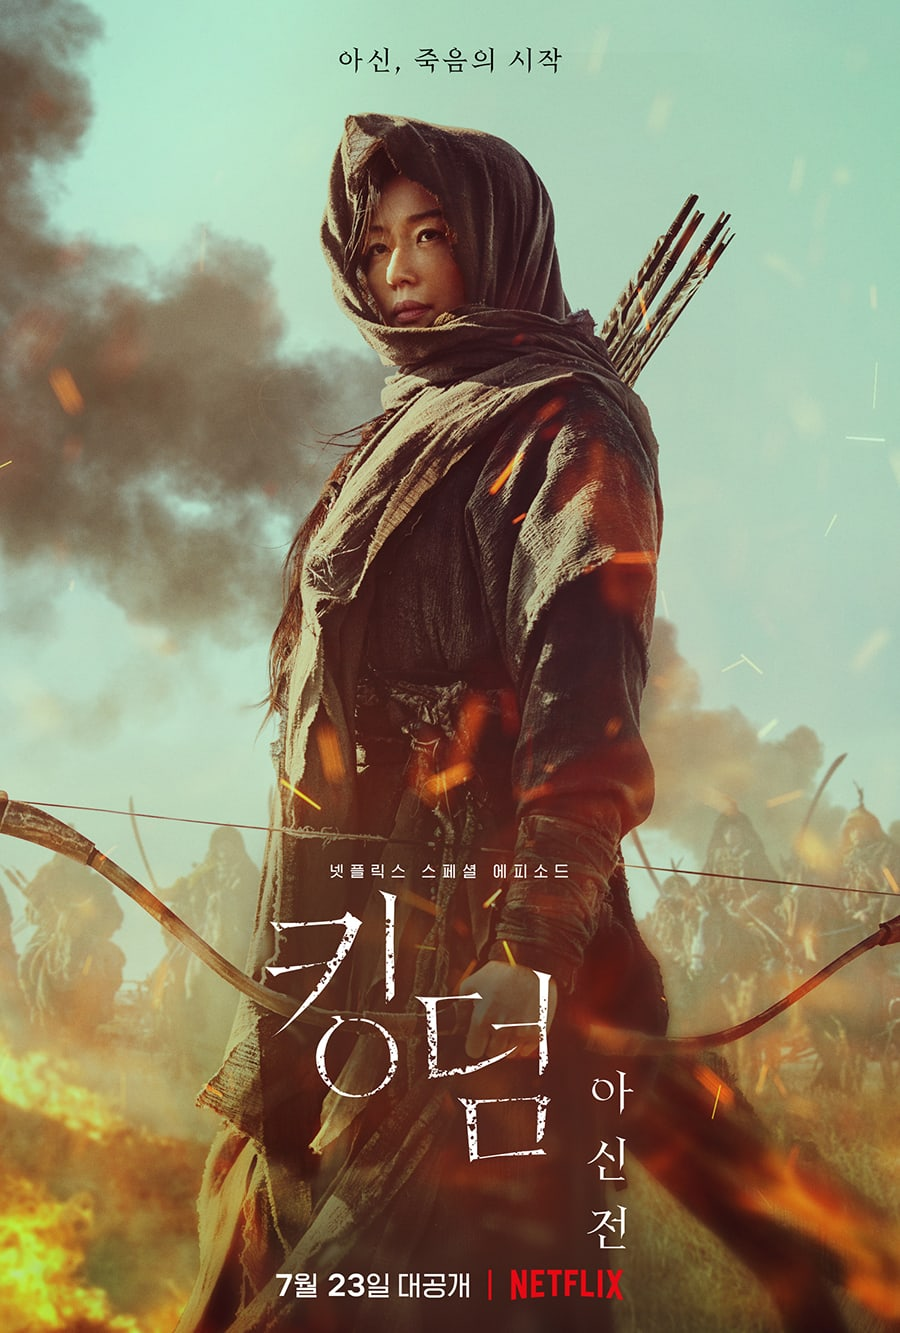 Jun Ji Hyun được kỳ vọng sẽ tỏa sáng trong Vương triều xác sống: Ashin phương Bắc